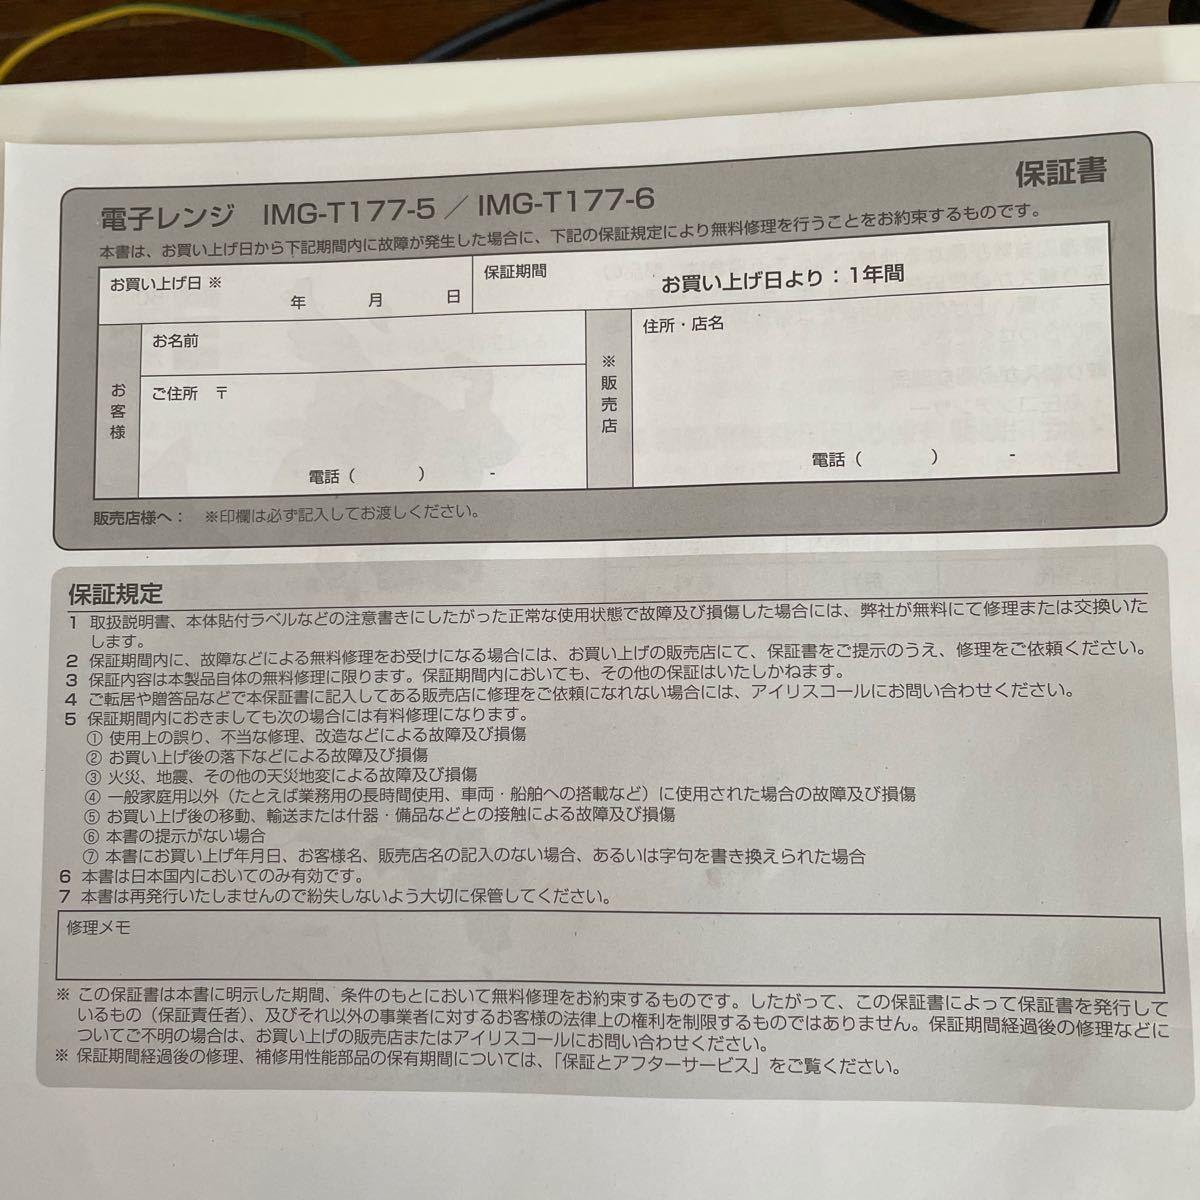 電子レンジ アイリスオーヤマ 17L ホワイト IMG-T177-5-W 50Hz/東日本